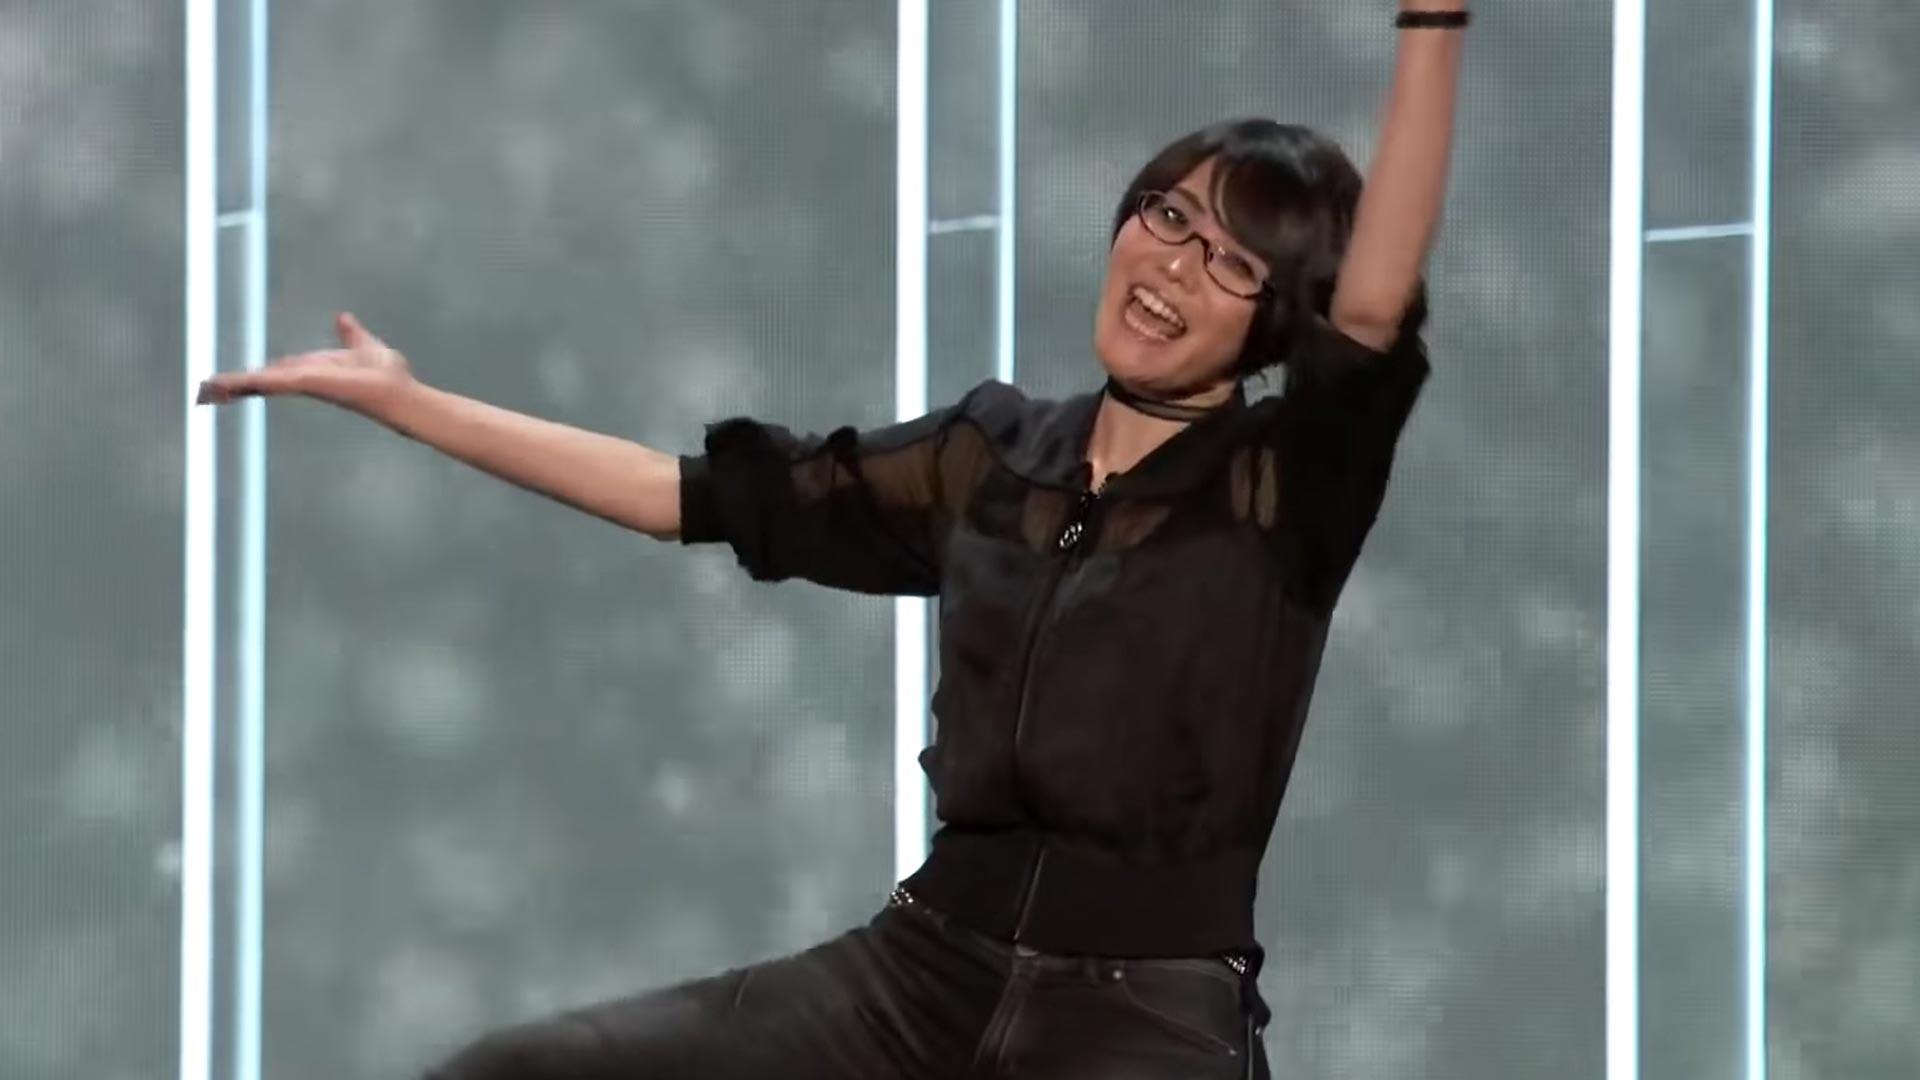 ราชินีแห่ง E3 2019 Ikumi Nakamura ออกจากโปรเจ็คเกม GhostWire: Tokyo แล้ว